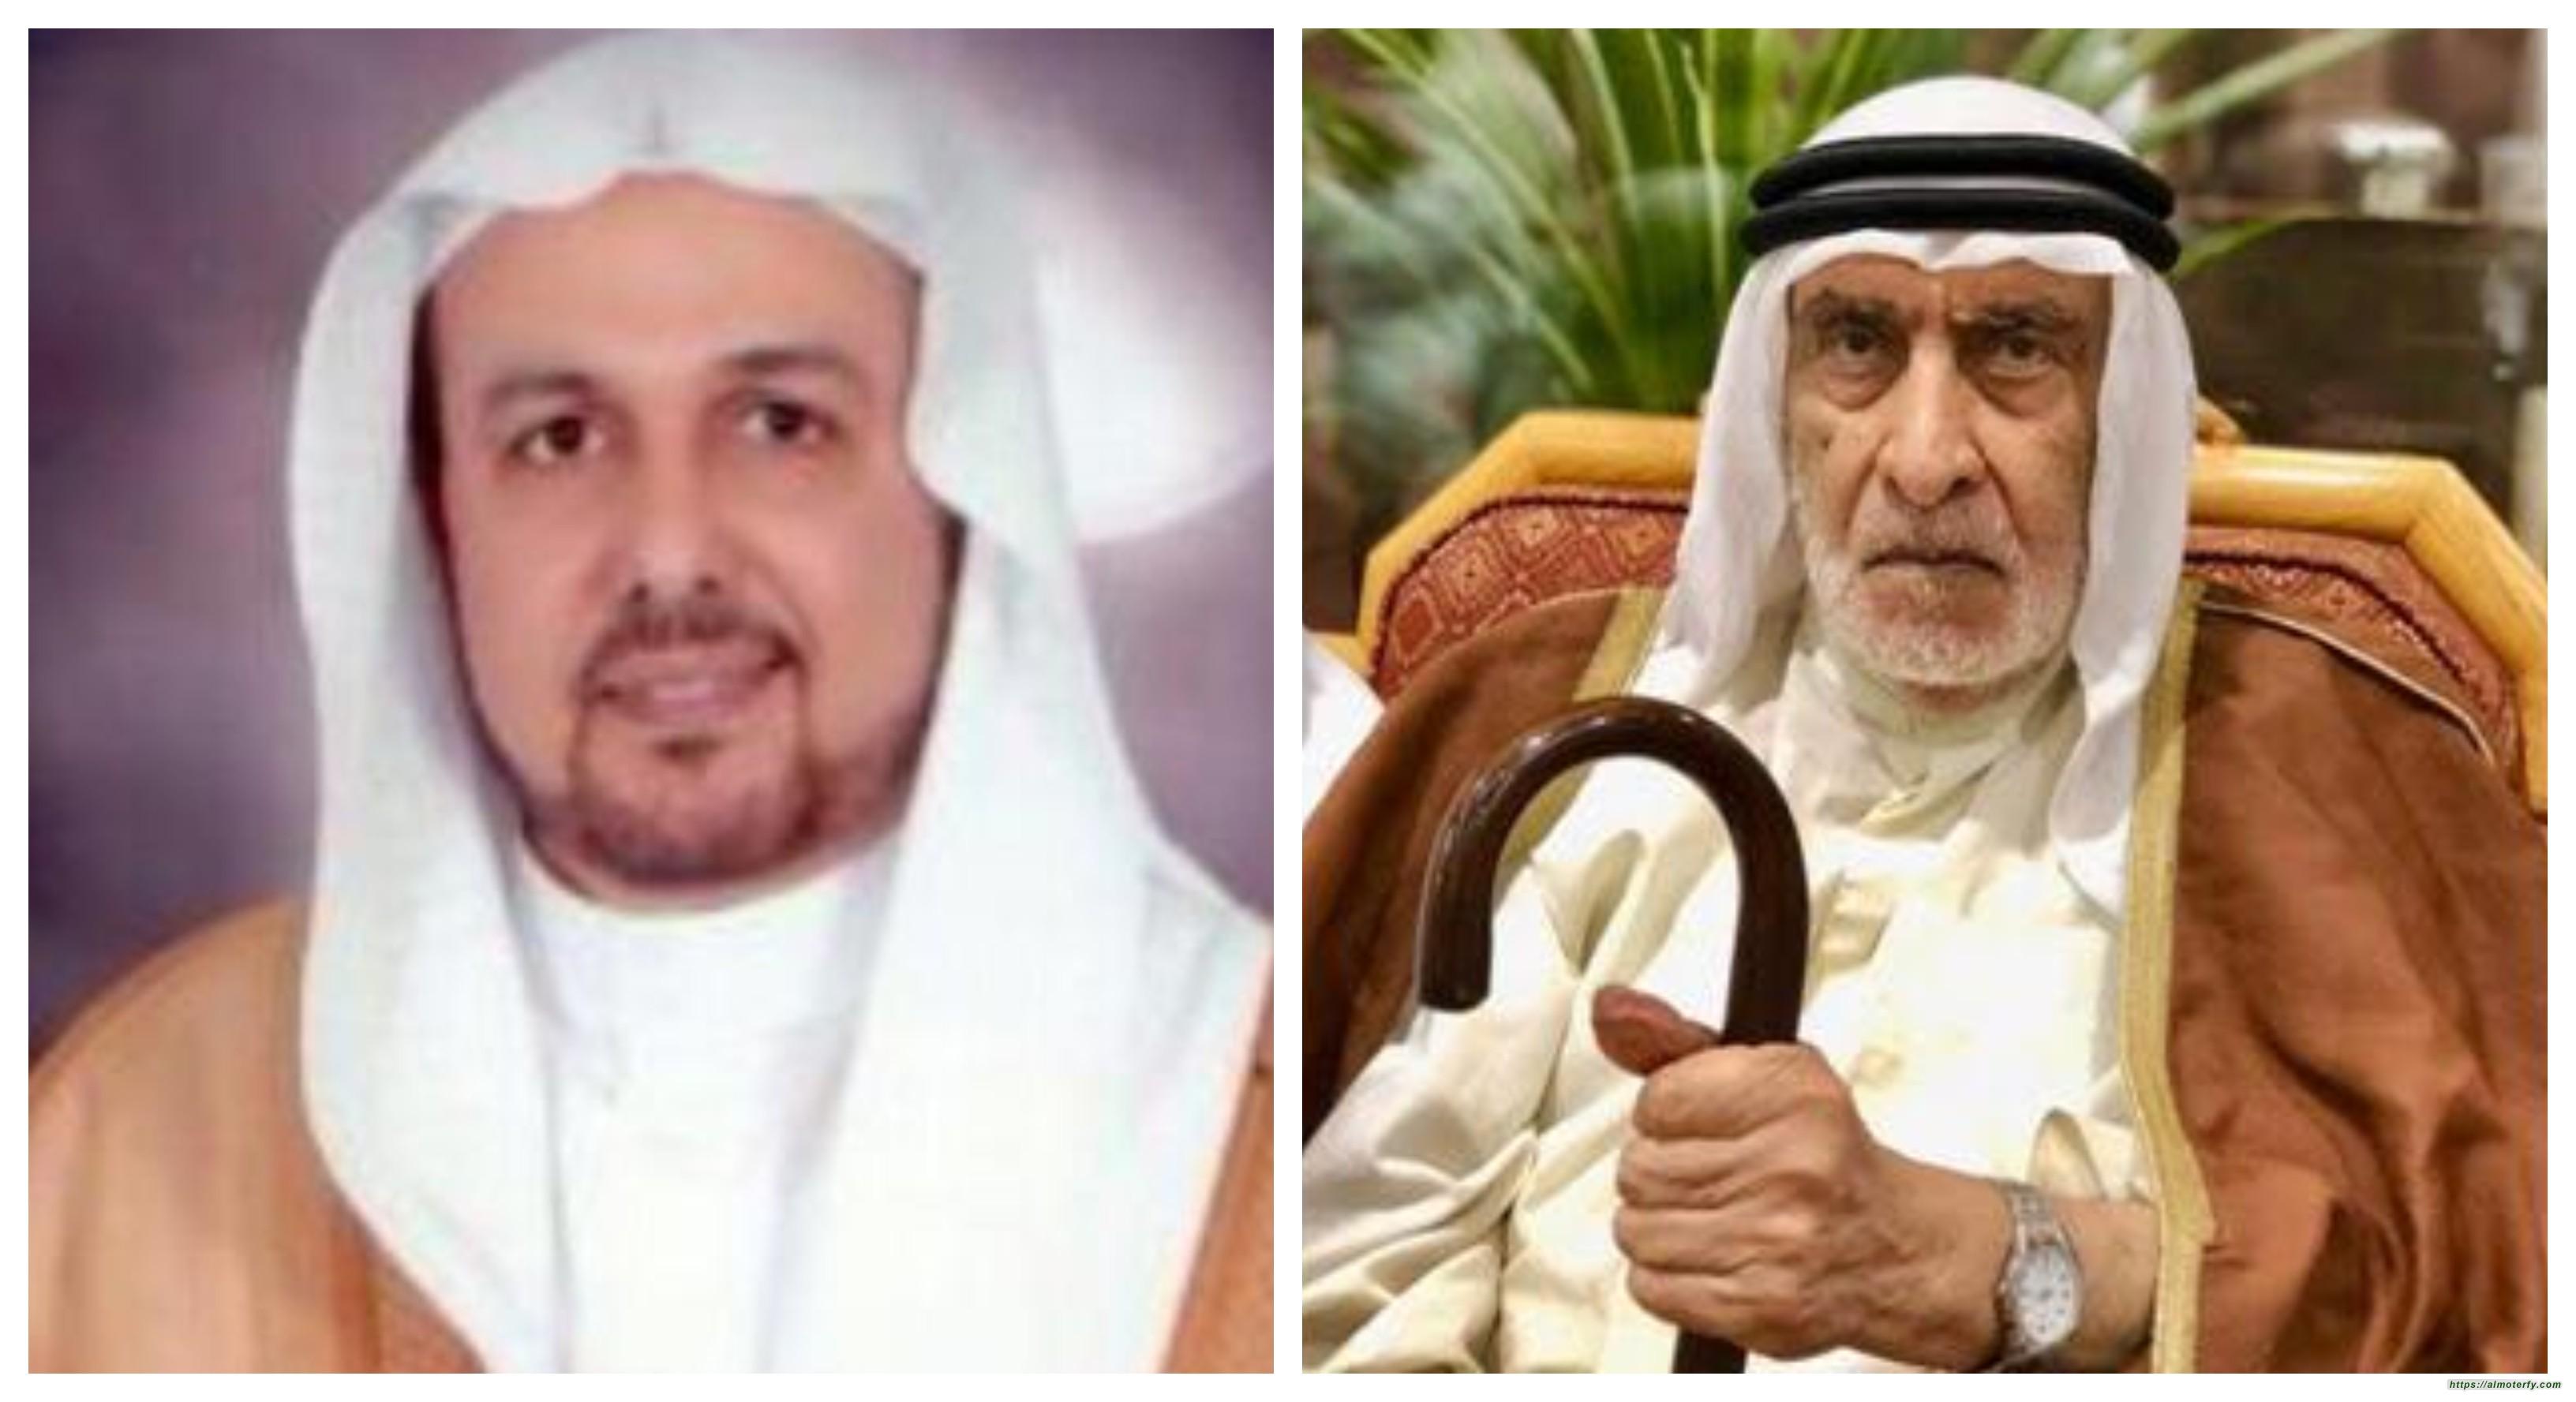 رسالة تابينية في رحيل الأستاذ محمد حسين الرمضان رحمه الله تعالى